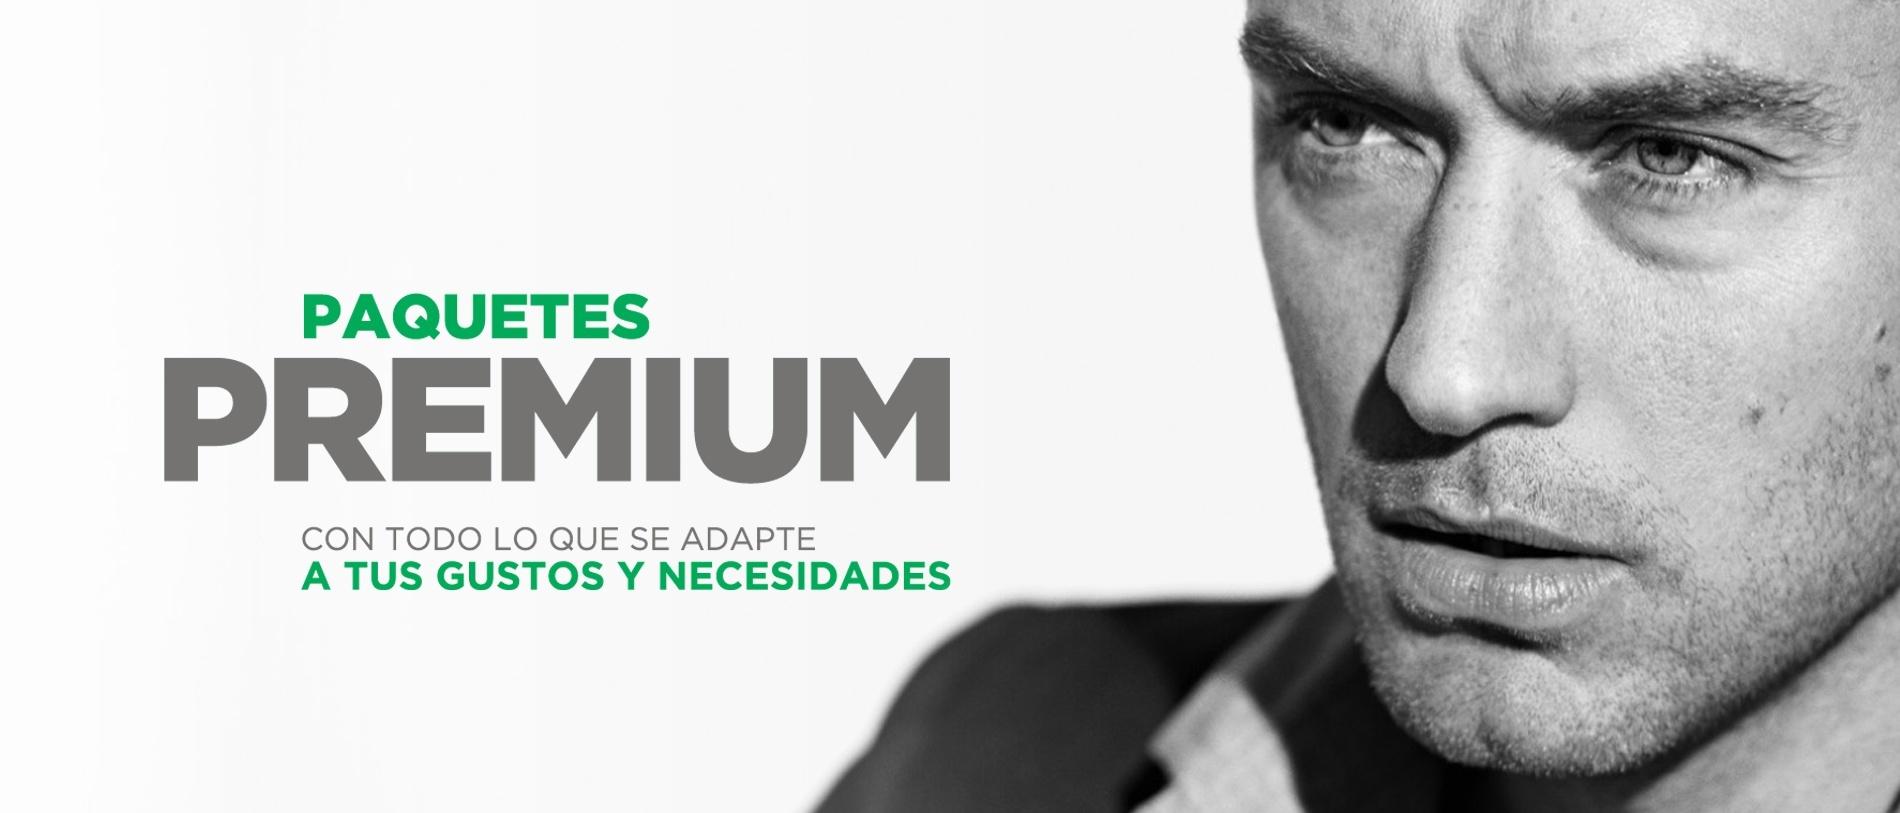 Paquete Premium de Gigacable